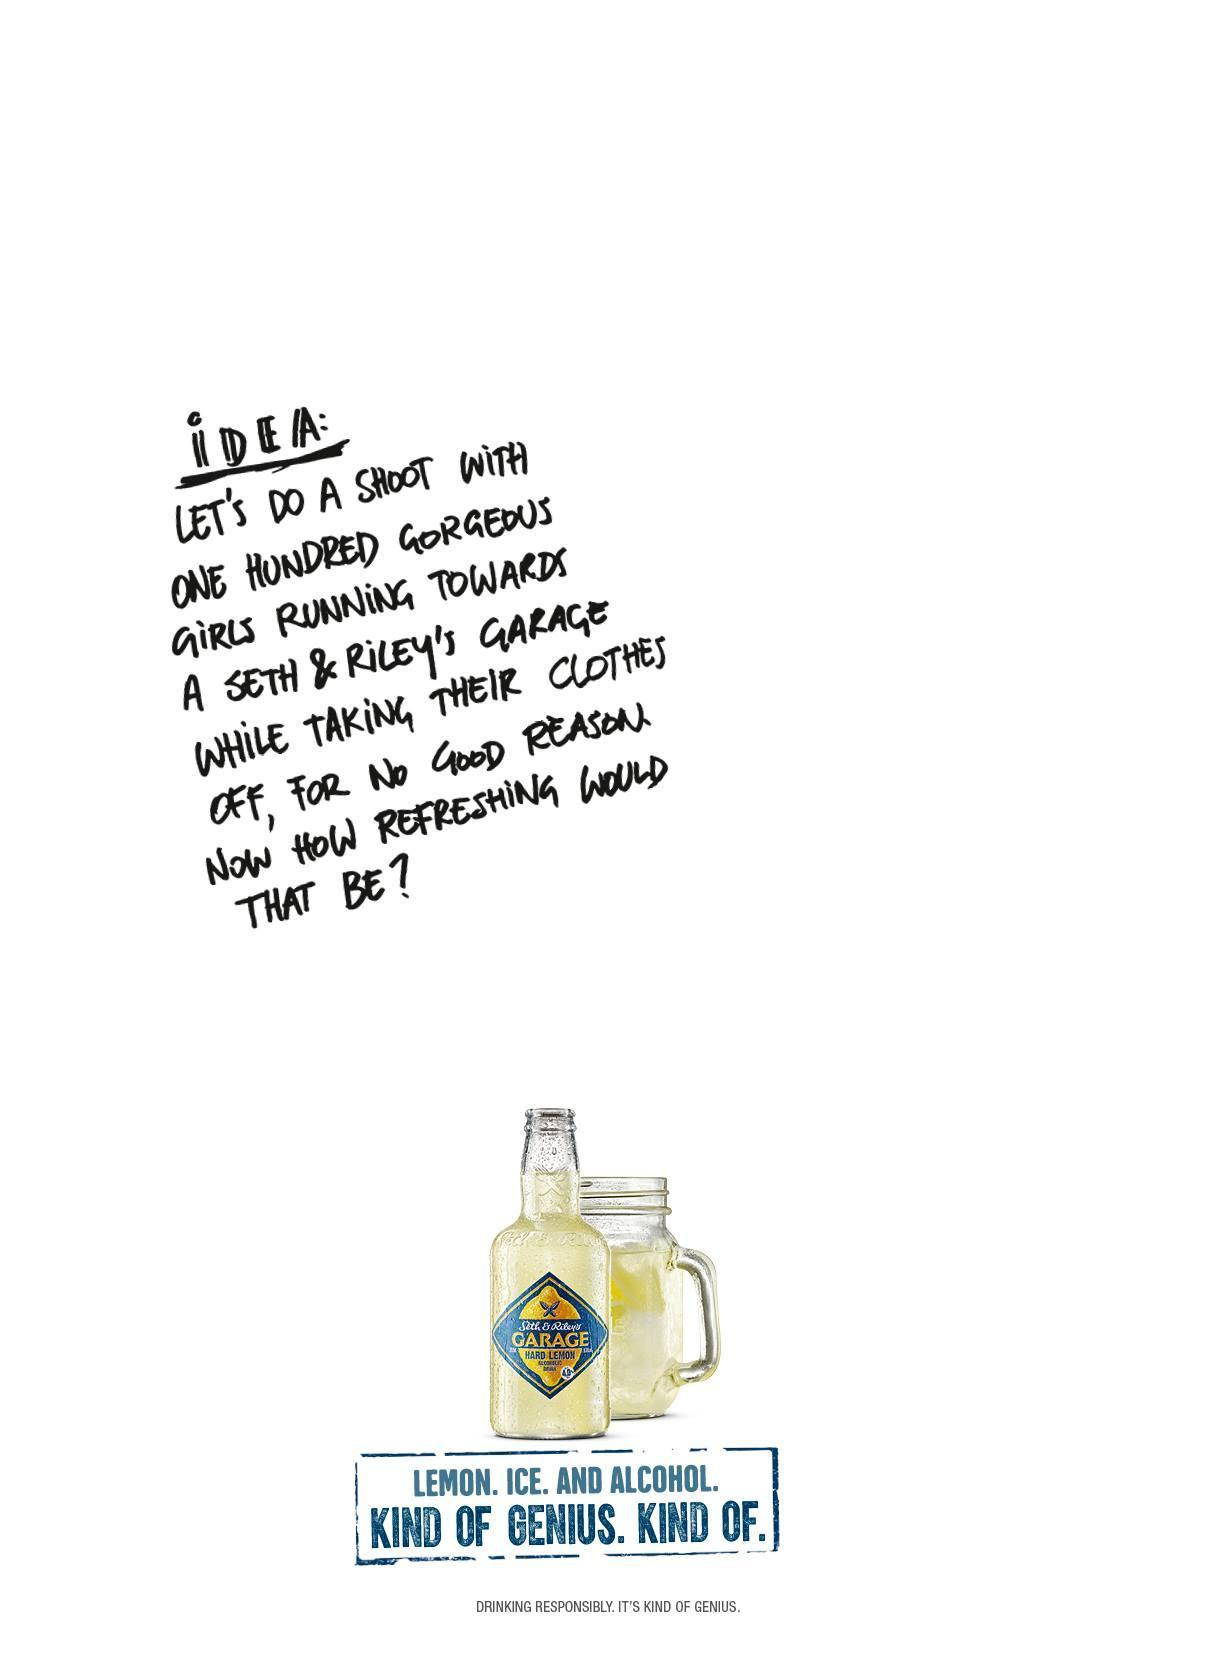 Seth & Riley's Garage Print Ad -  Idea, 3